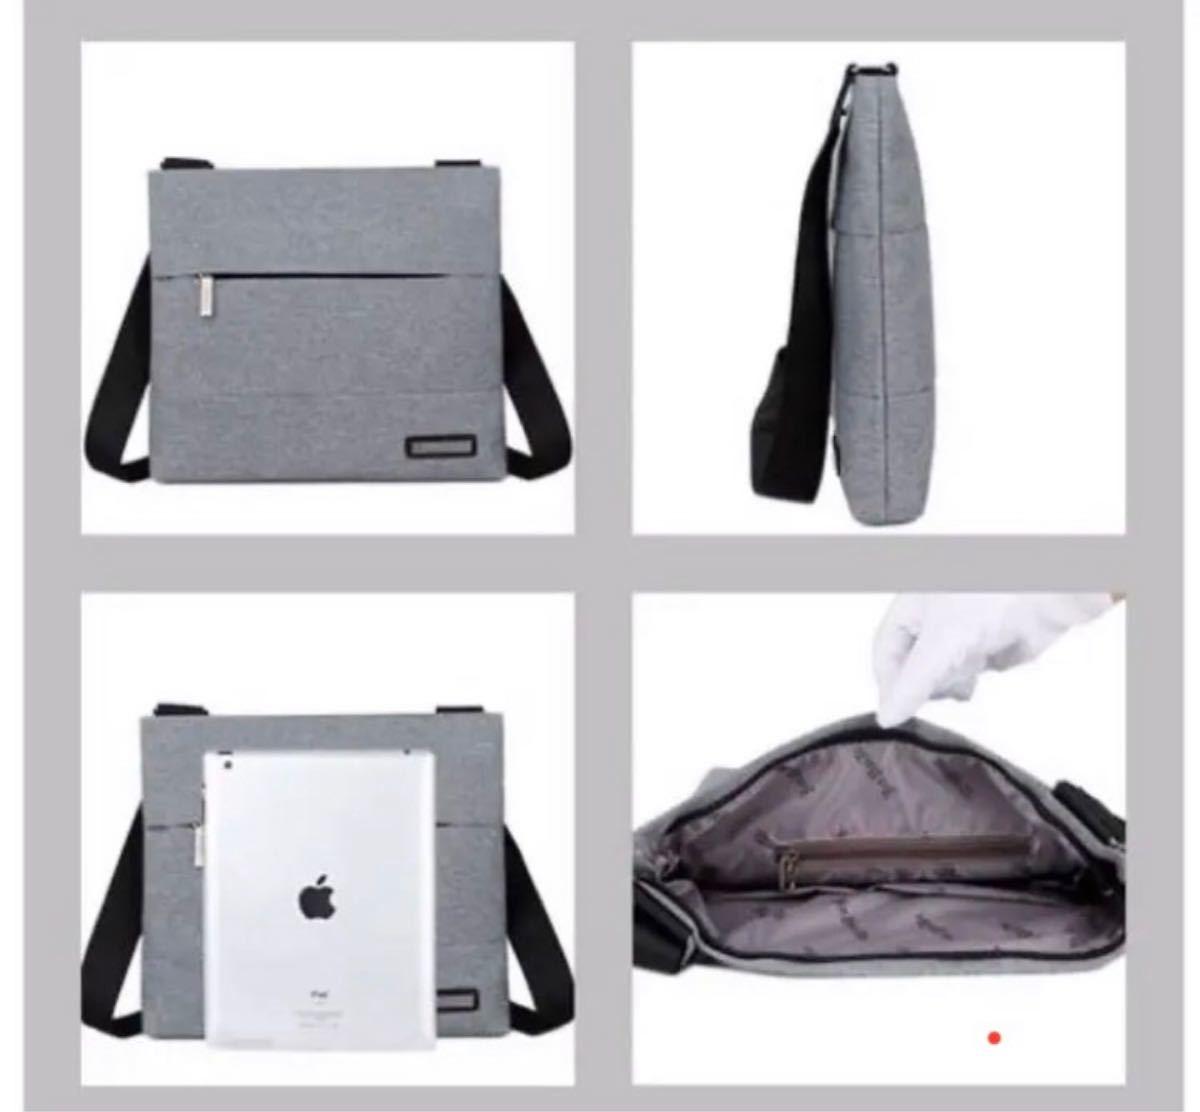 メンズバッグ ビジネスバッグ グレー ショルダーバッグ ボディーバッグ スーツ 鞄 斜め掛け